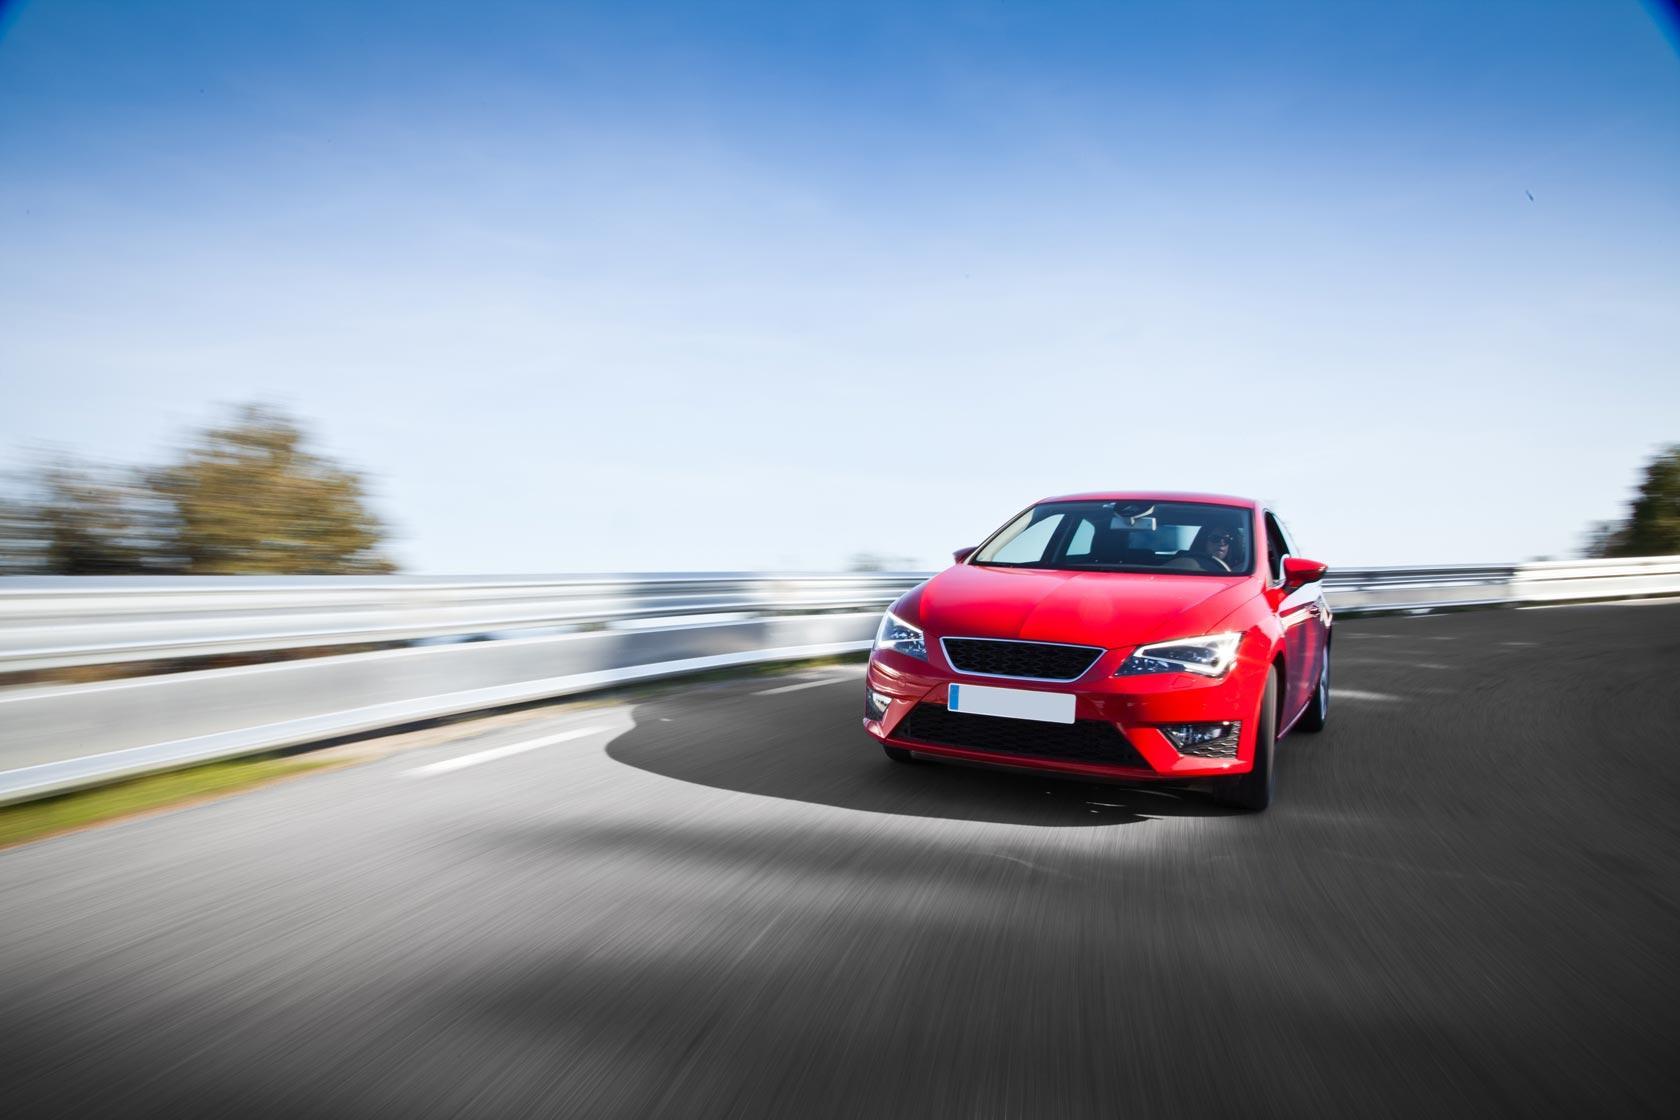 Designbilder - autrado - Autohandel stark gemacht